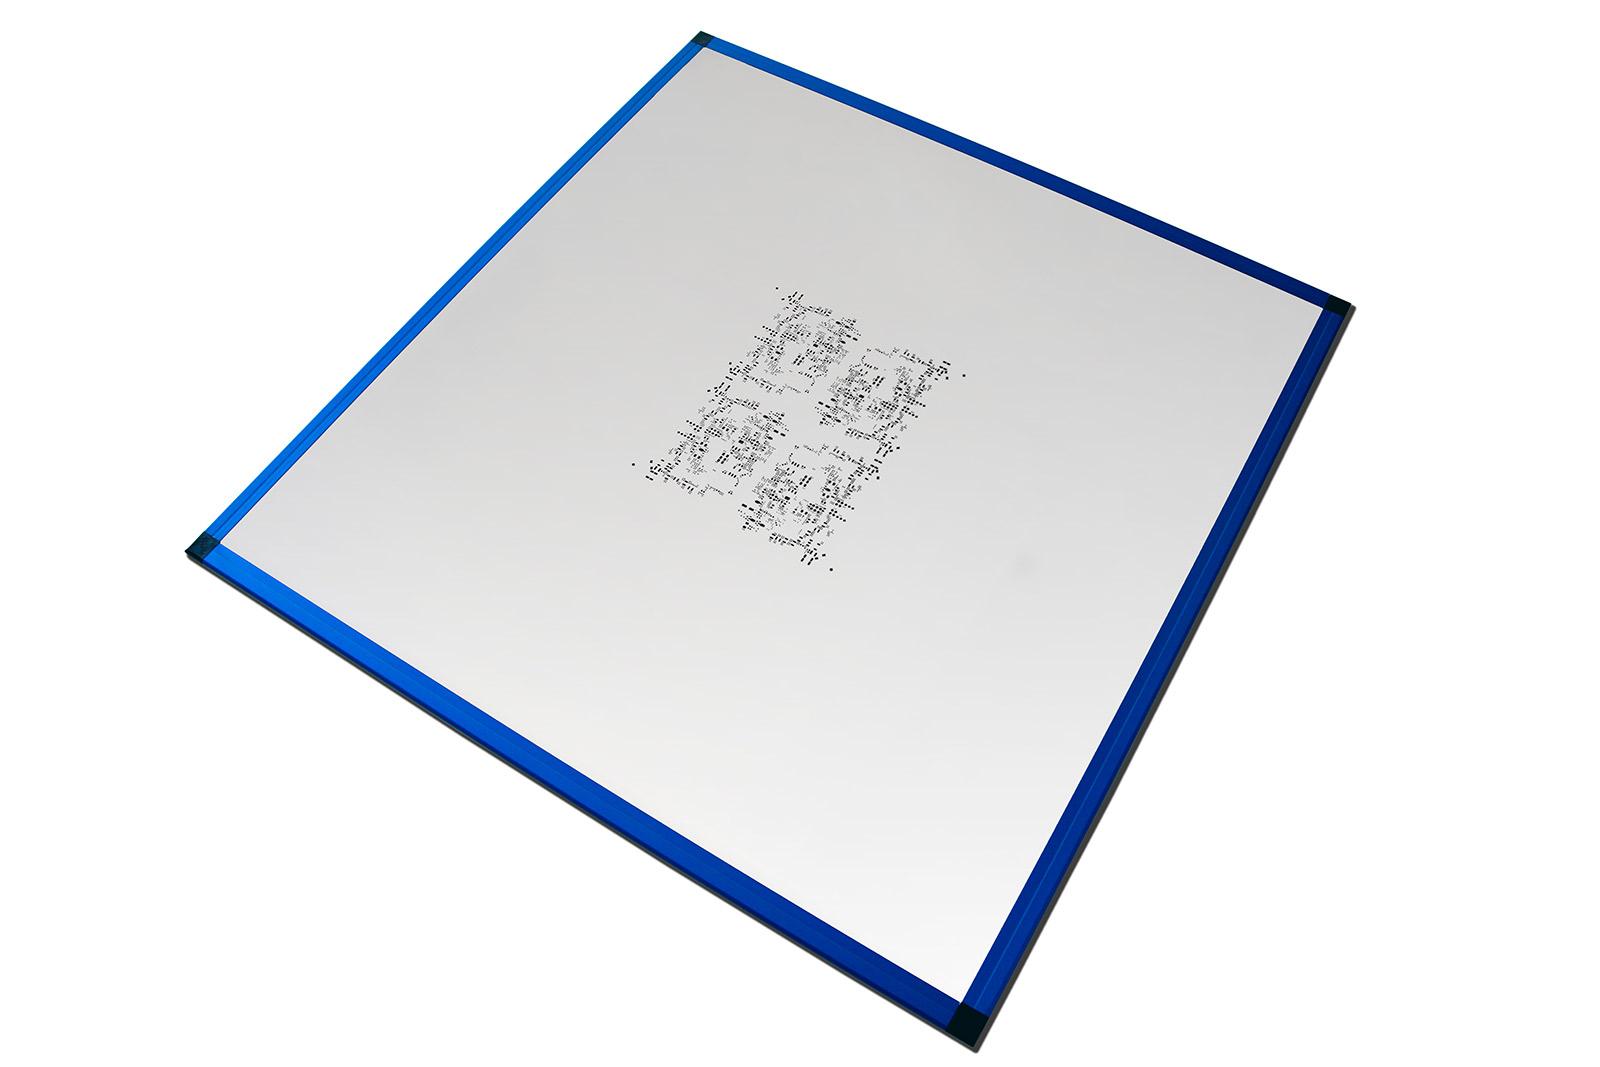 Dek Vectorguard Multi Circuit Boards Home Board Square Frame Quick Clamping